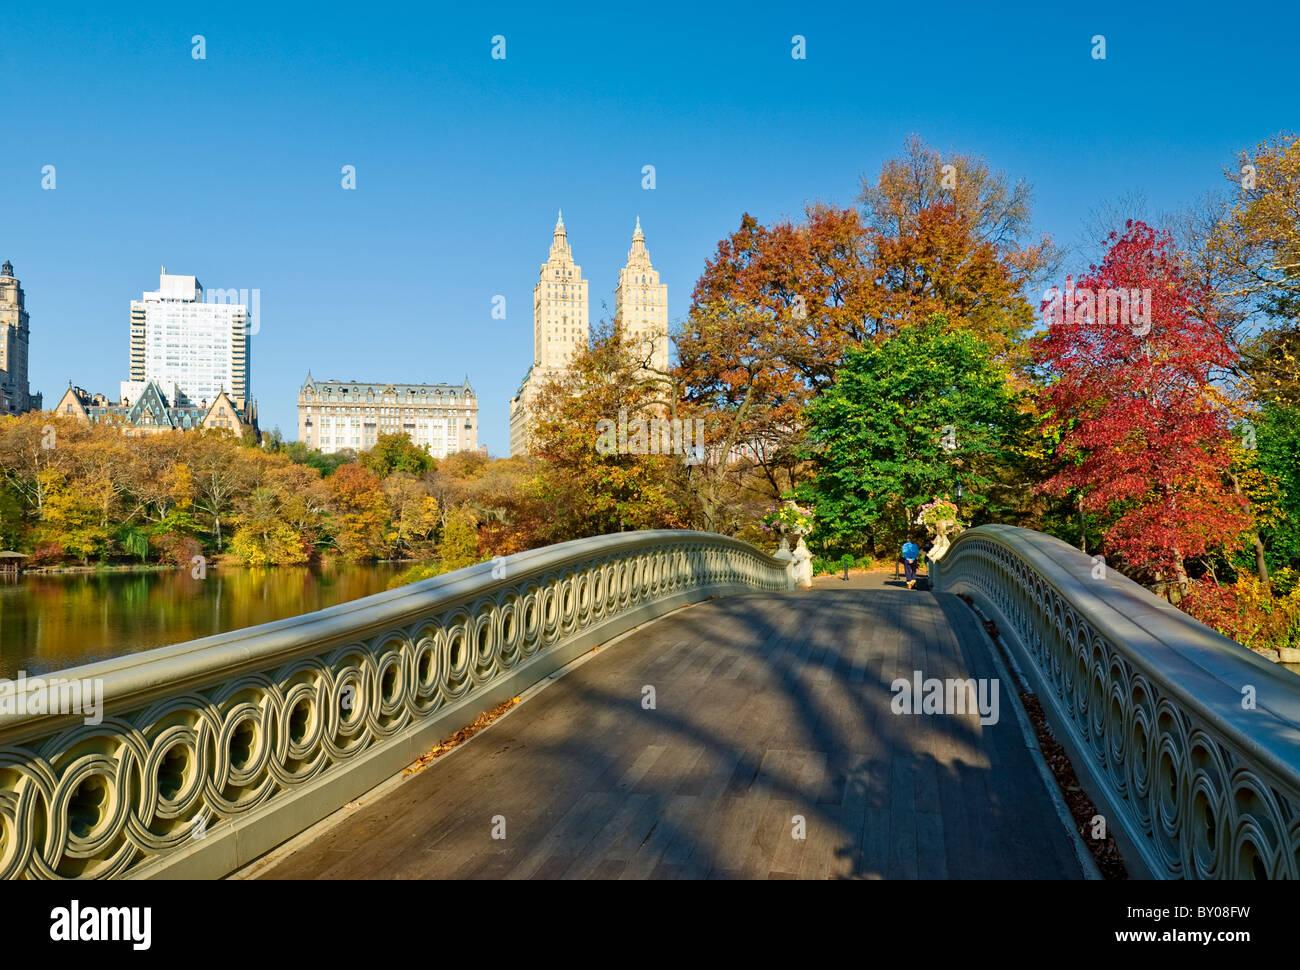 Bogen-Brücke und die Skyline von Central Park West, Central Park im Herbst, New York City. Stockbild